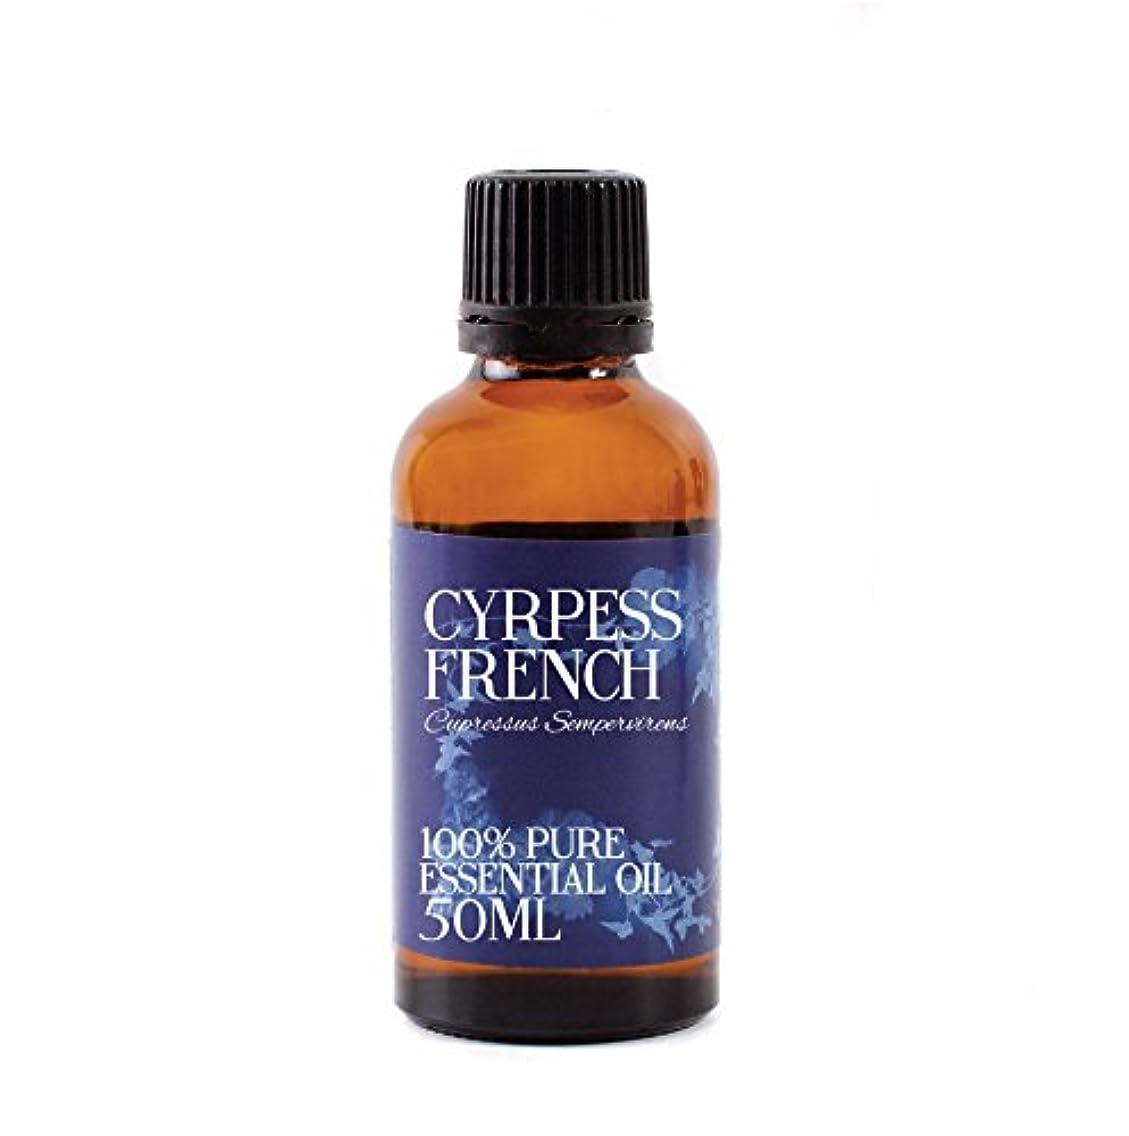 パリティ記憶に残るスキャンダルMystic Moments | Cypress French Essential Oil - 50ml - 100% Pure